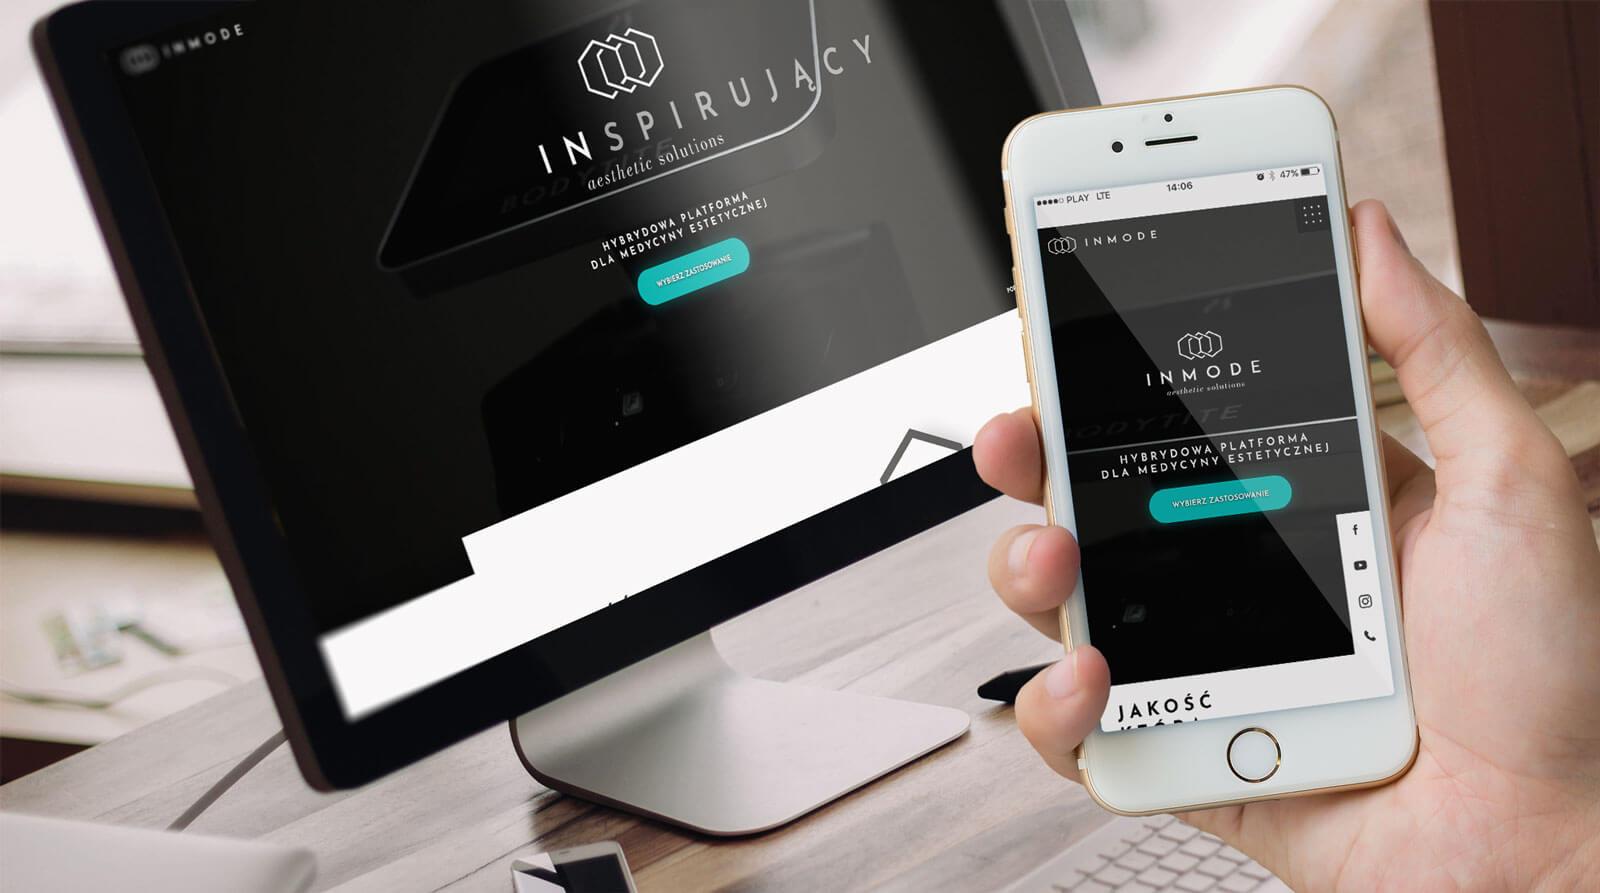 Projekt nowoczesnej strony internetowej z branży medycyny estetycznej dla marki Inmode. Lokalizacja firmy: Gliwice, Śląsk.